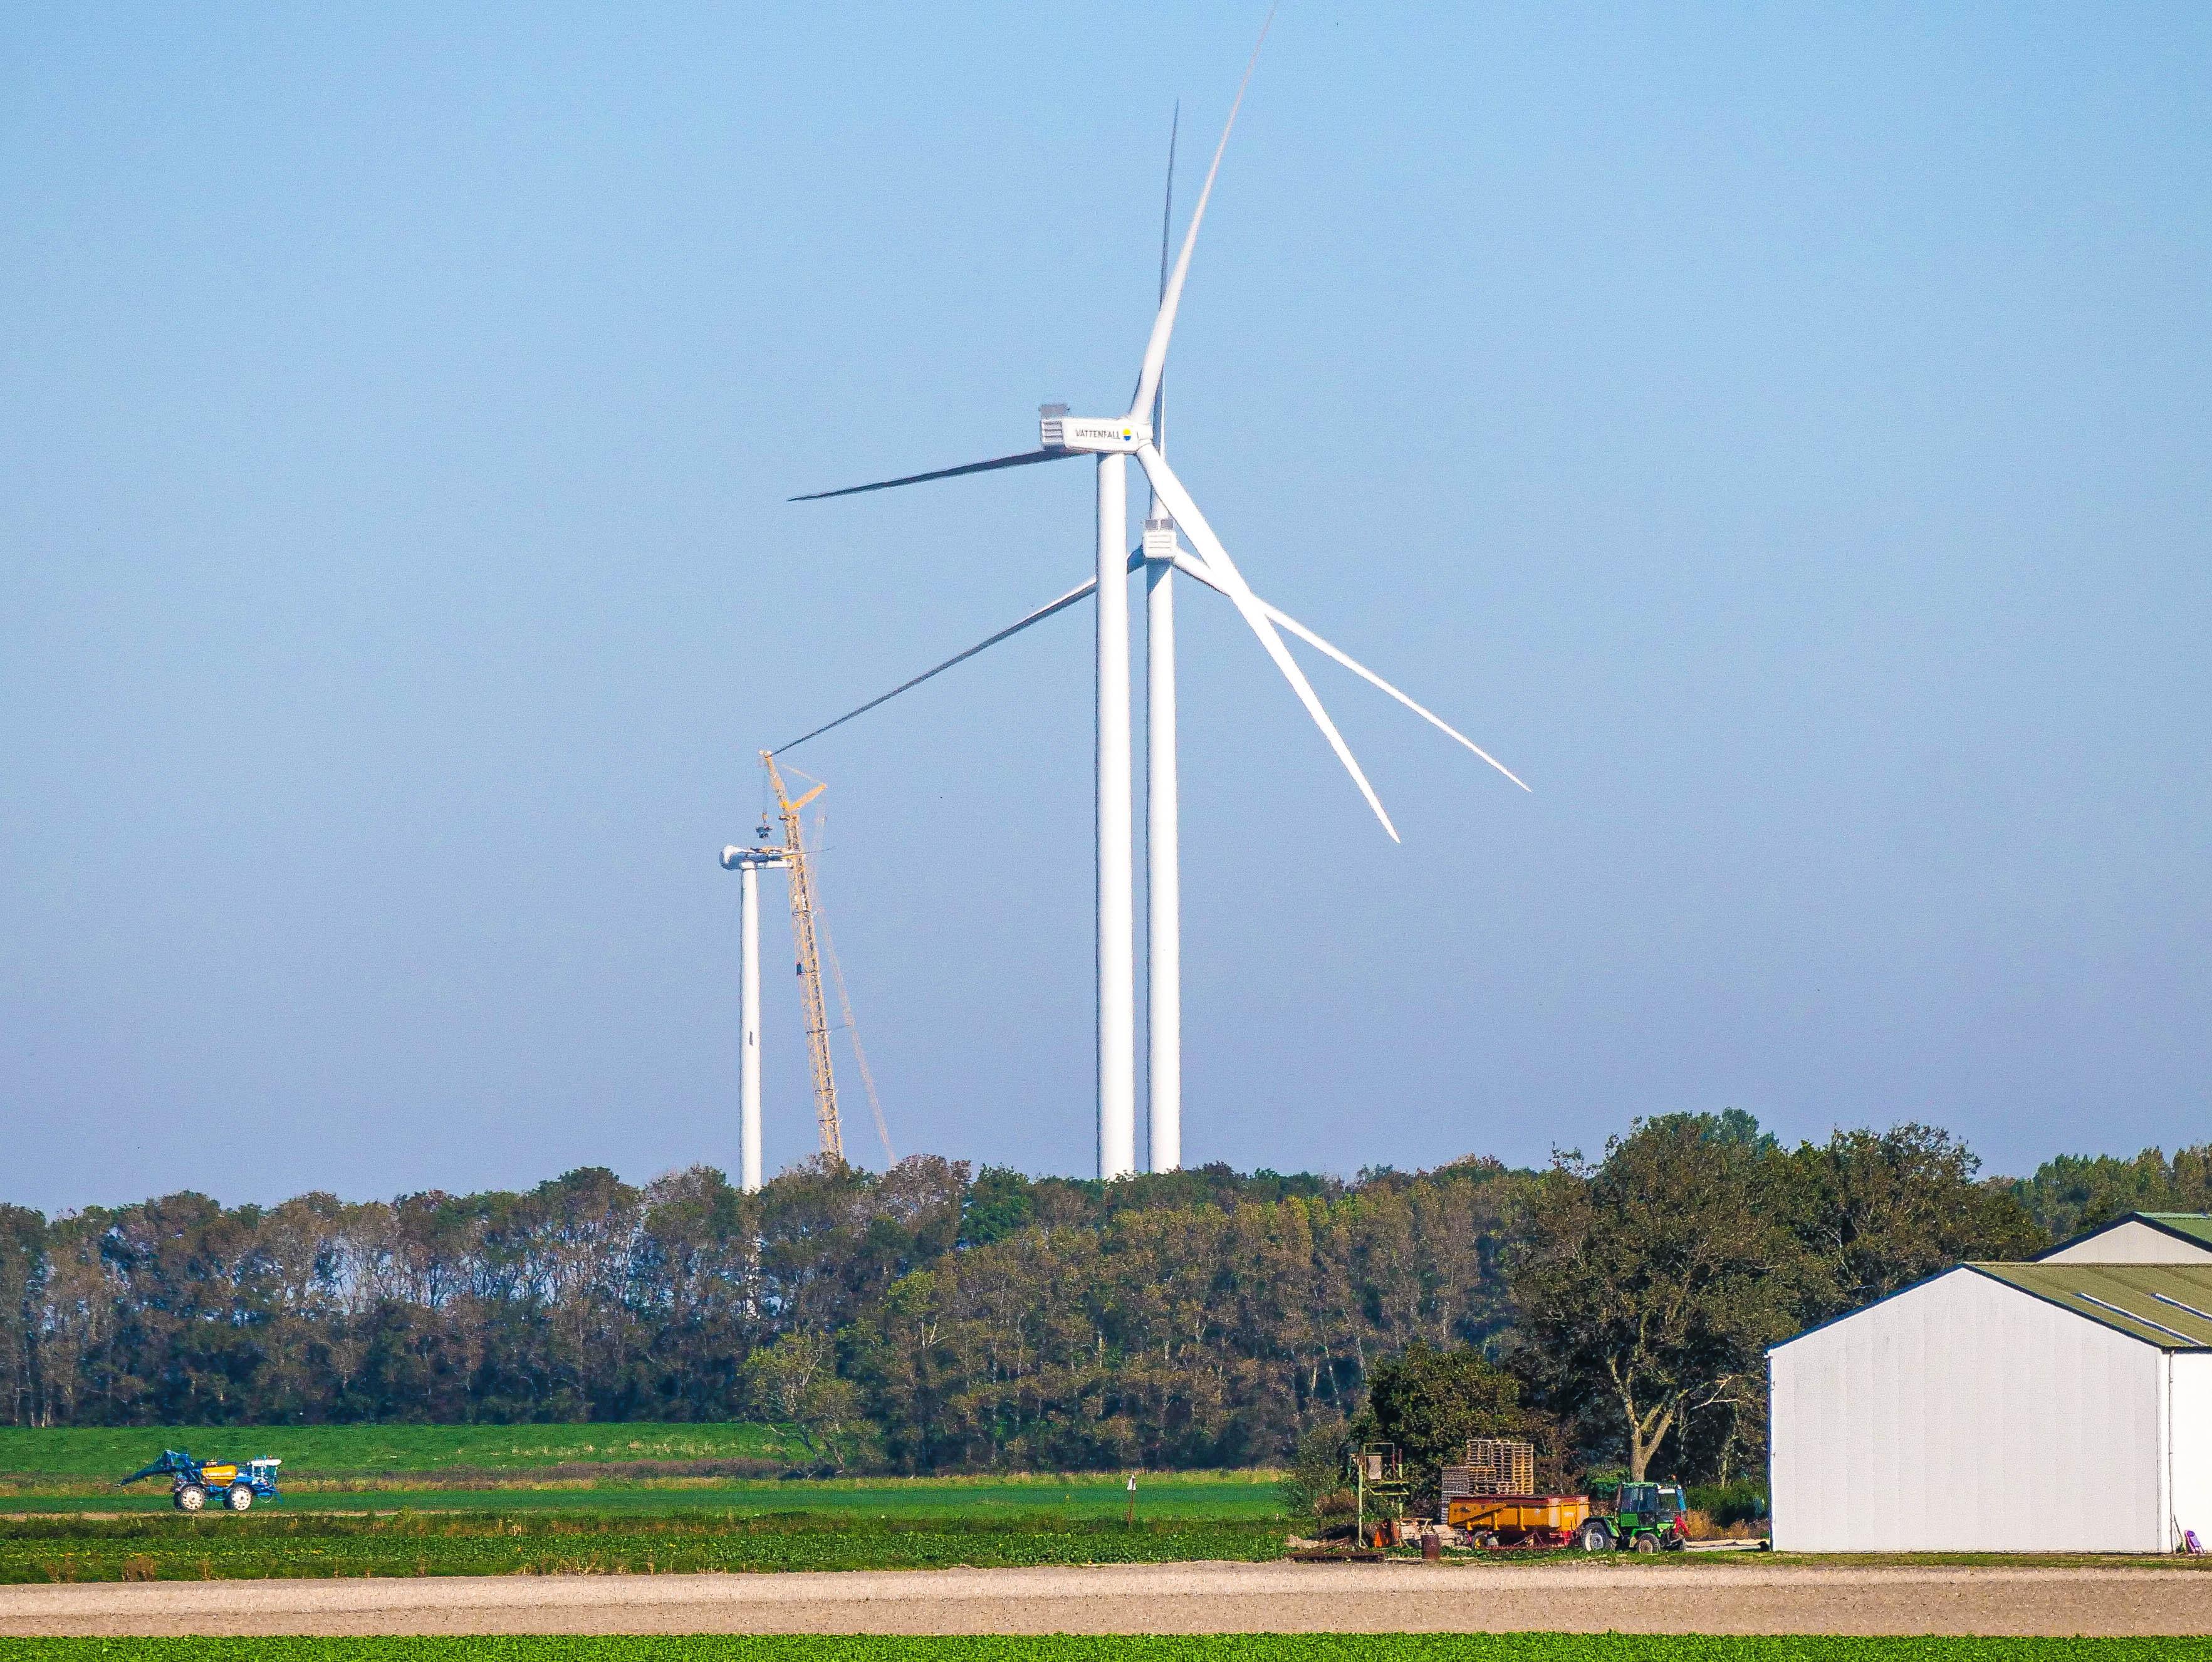 Paniek in Lage Vuursche: gemeente De Bilt heeft Vuursche bossen in het vizier als locatie voor zes windturbines van 240 meter hoog; Vuurschenaren worden opgeroepen in verzet te komen